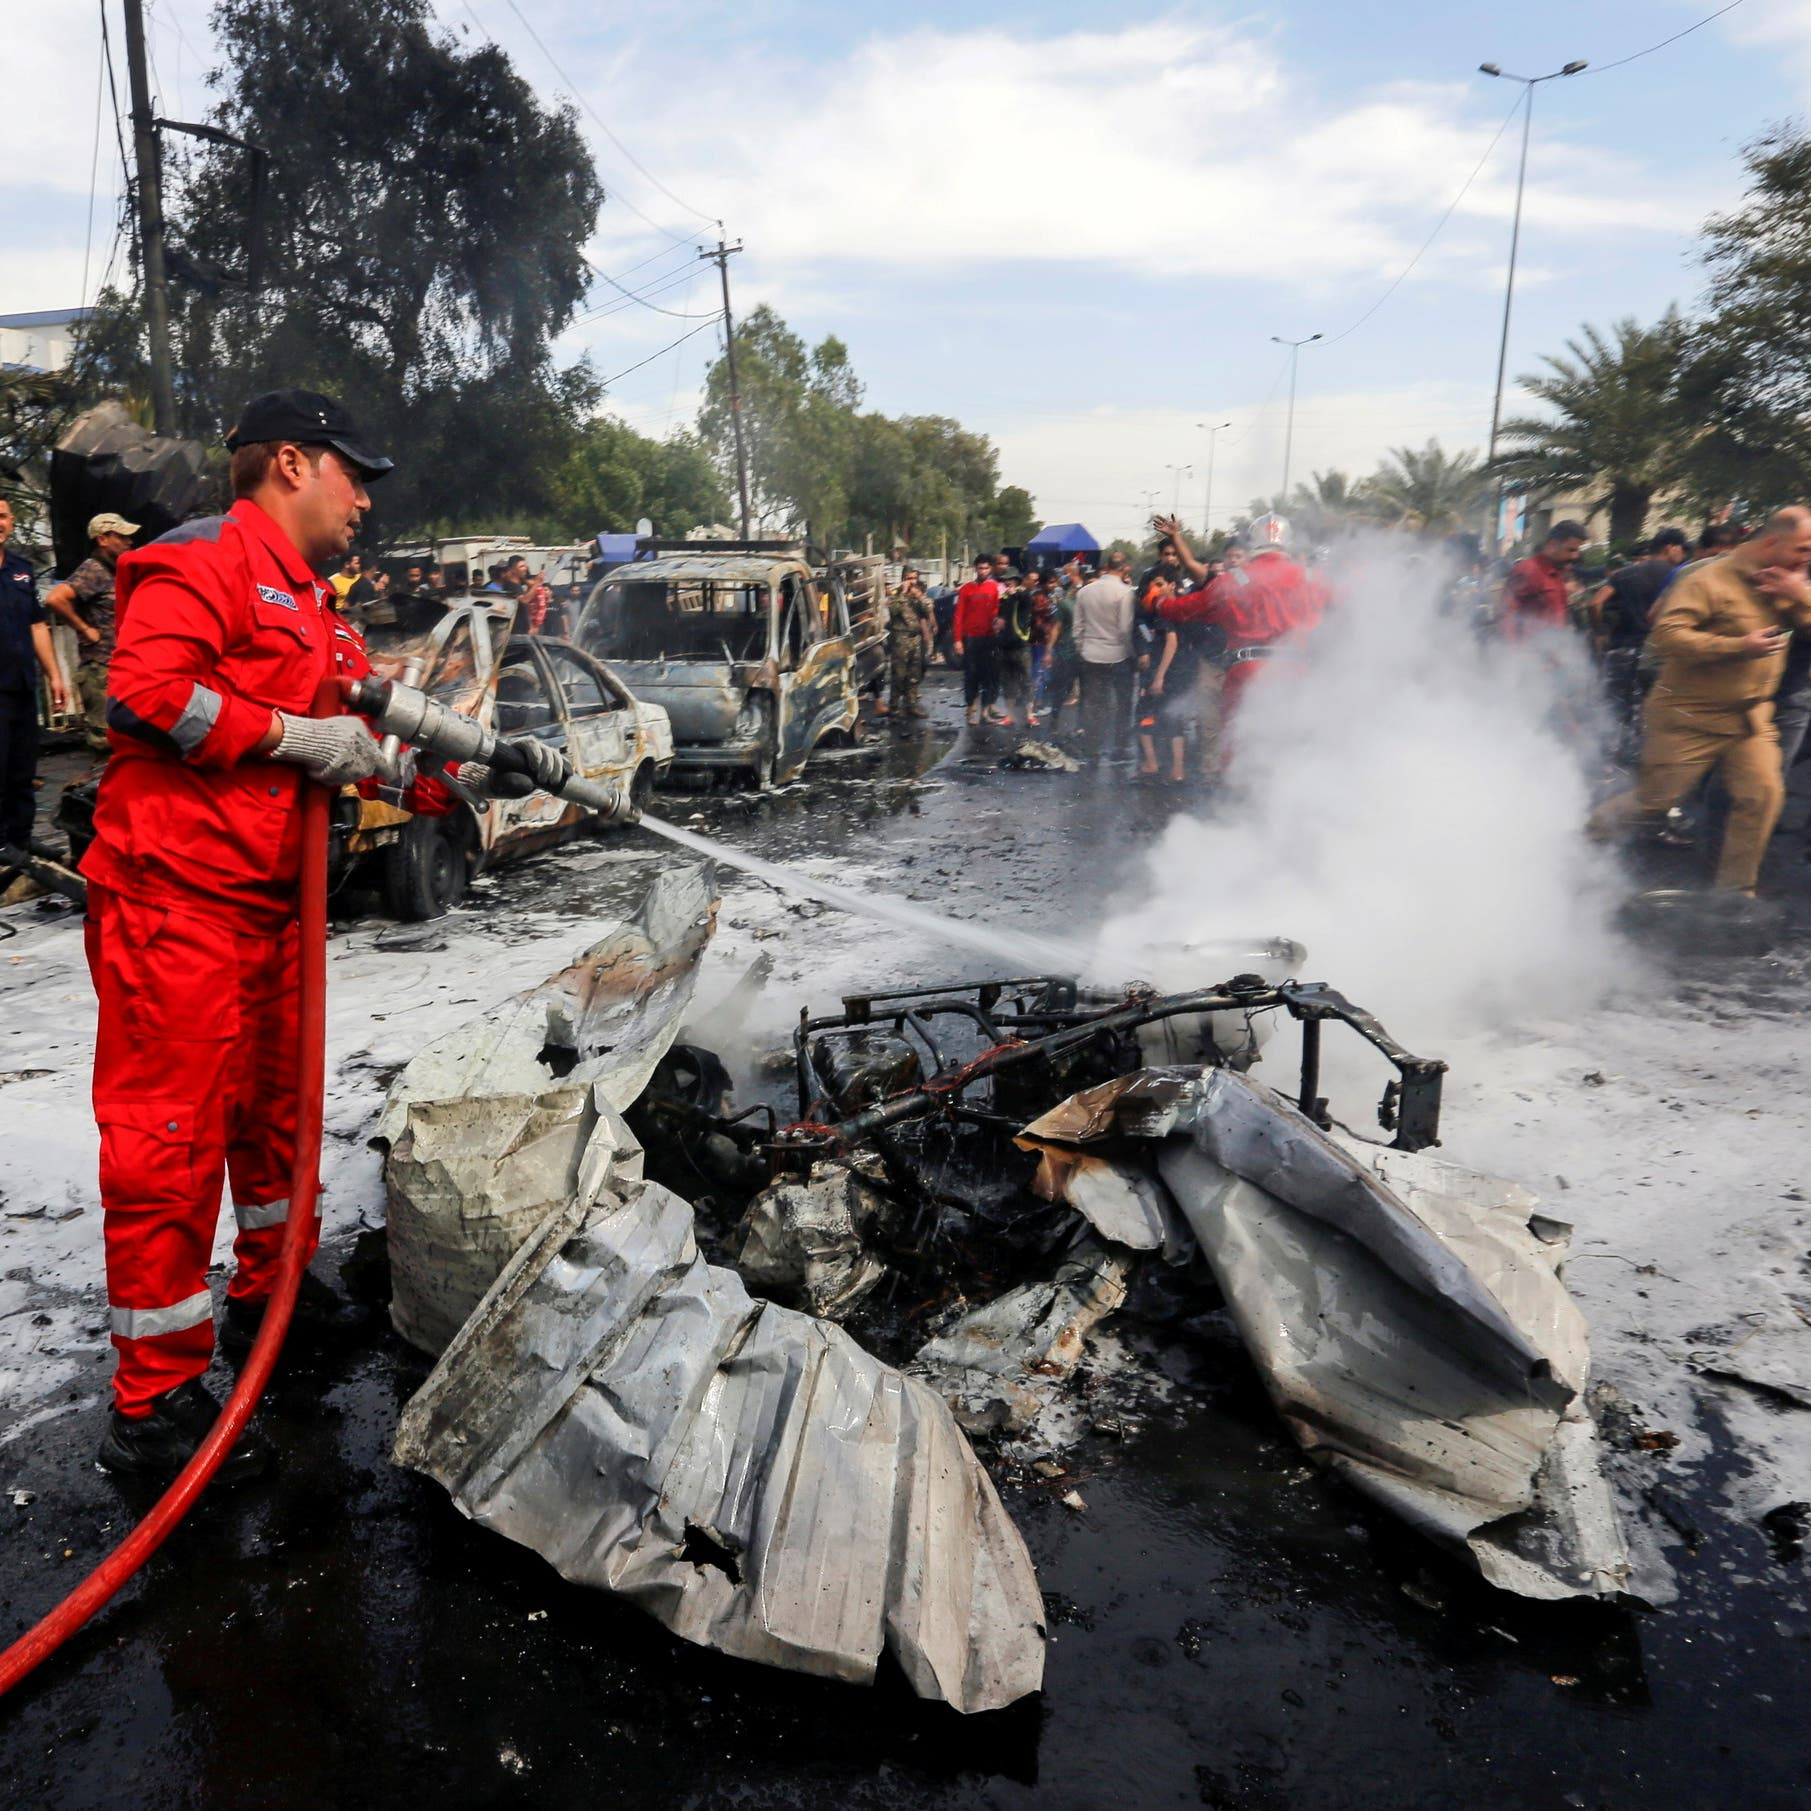 العراق: اعتقال خلية داعشية نفذت تفجير مدينة الصدر